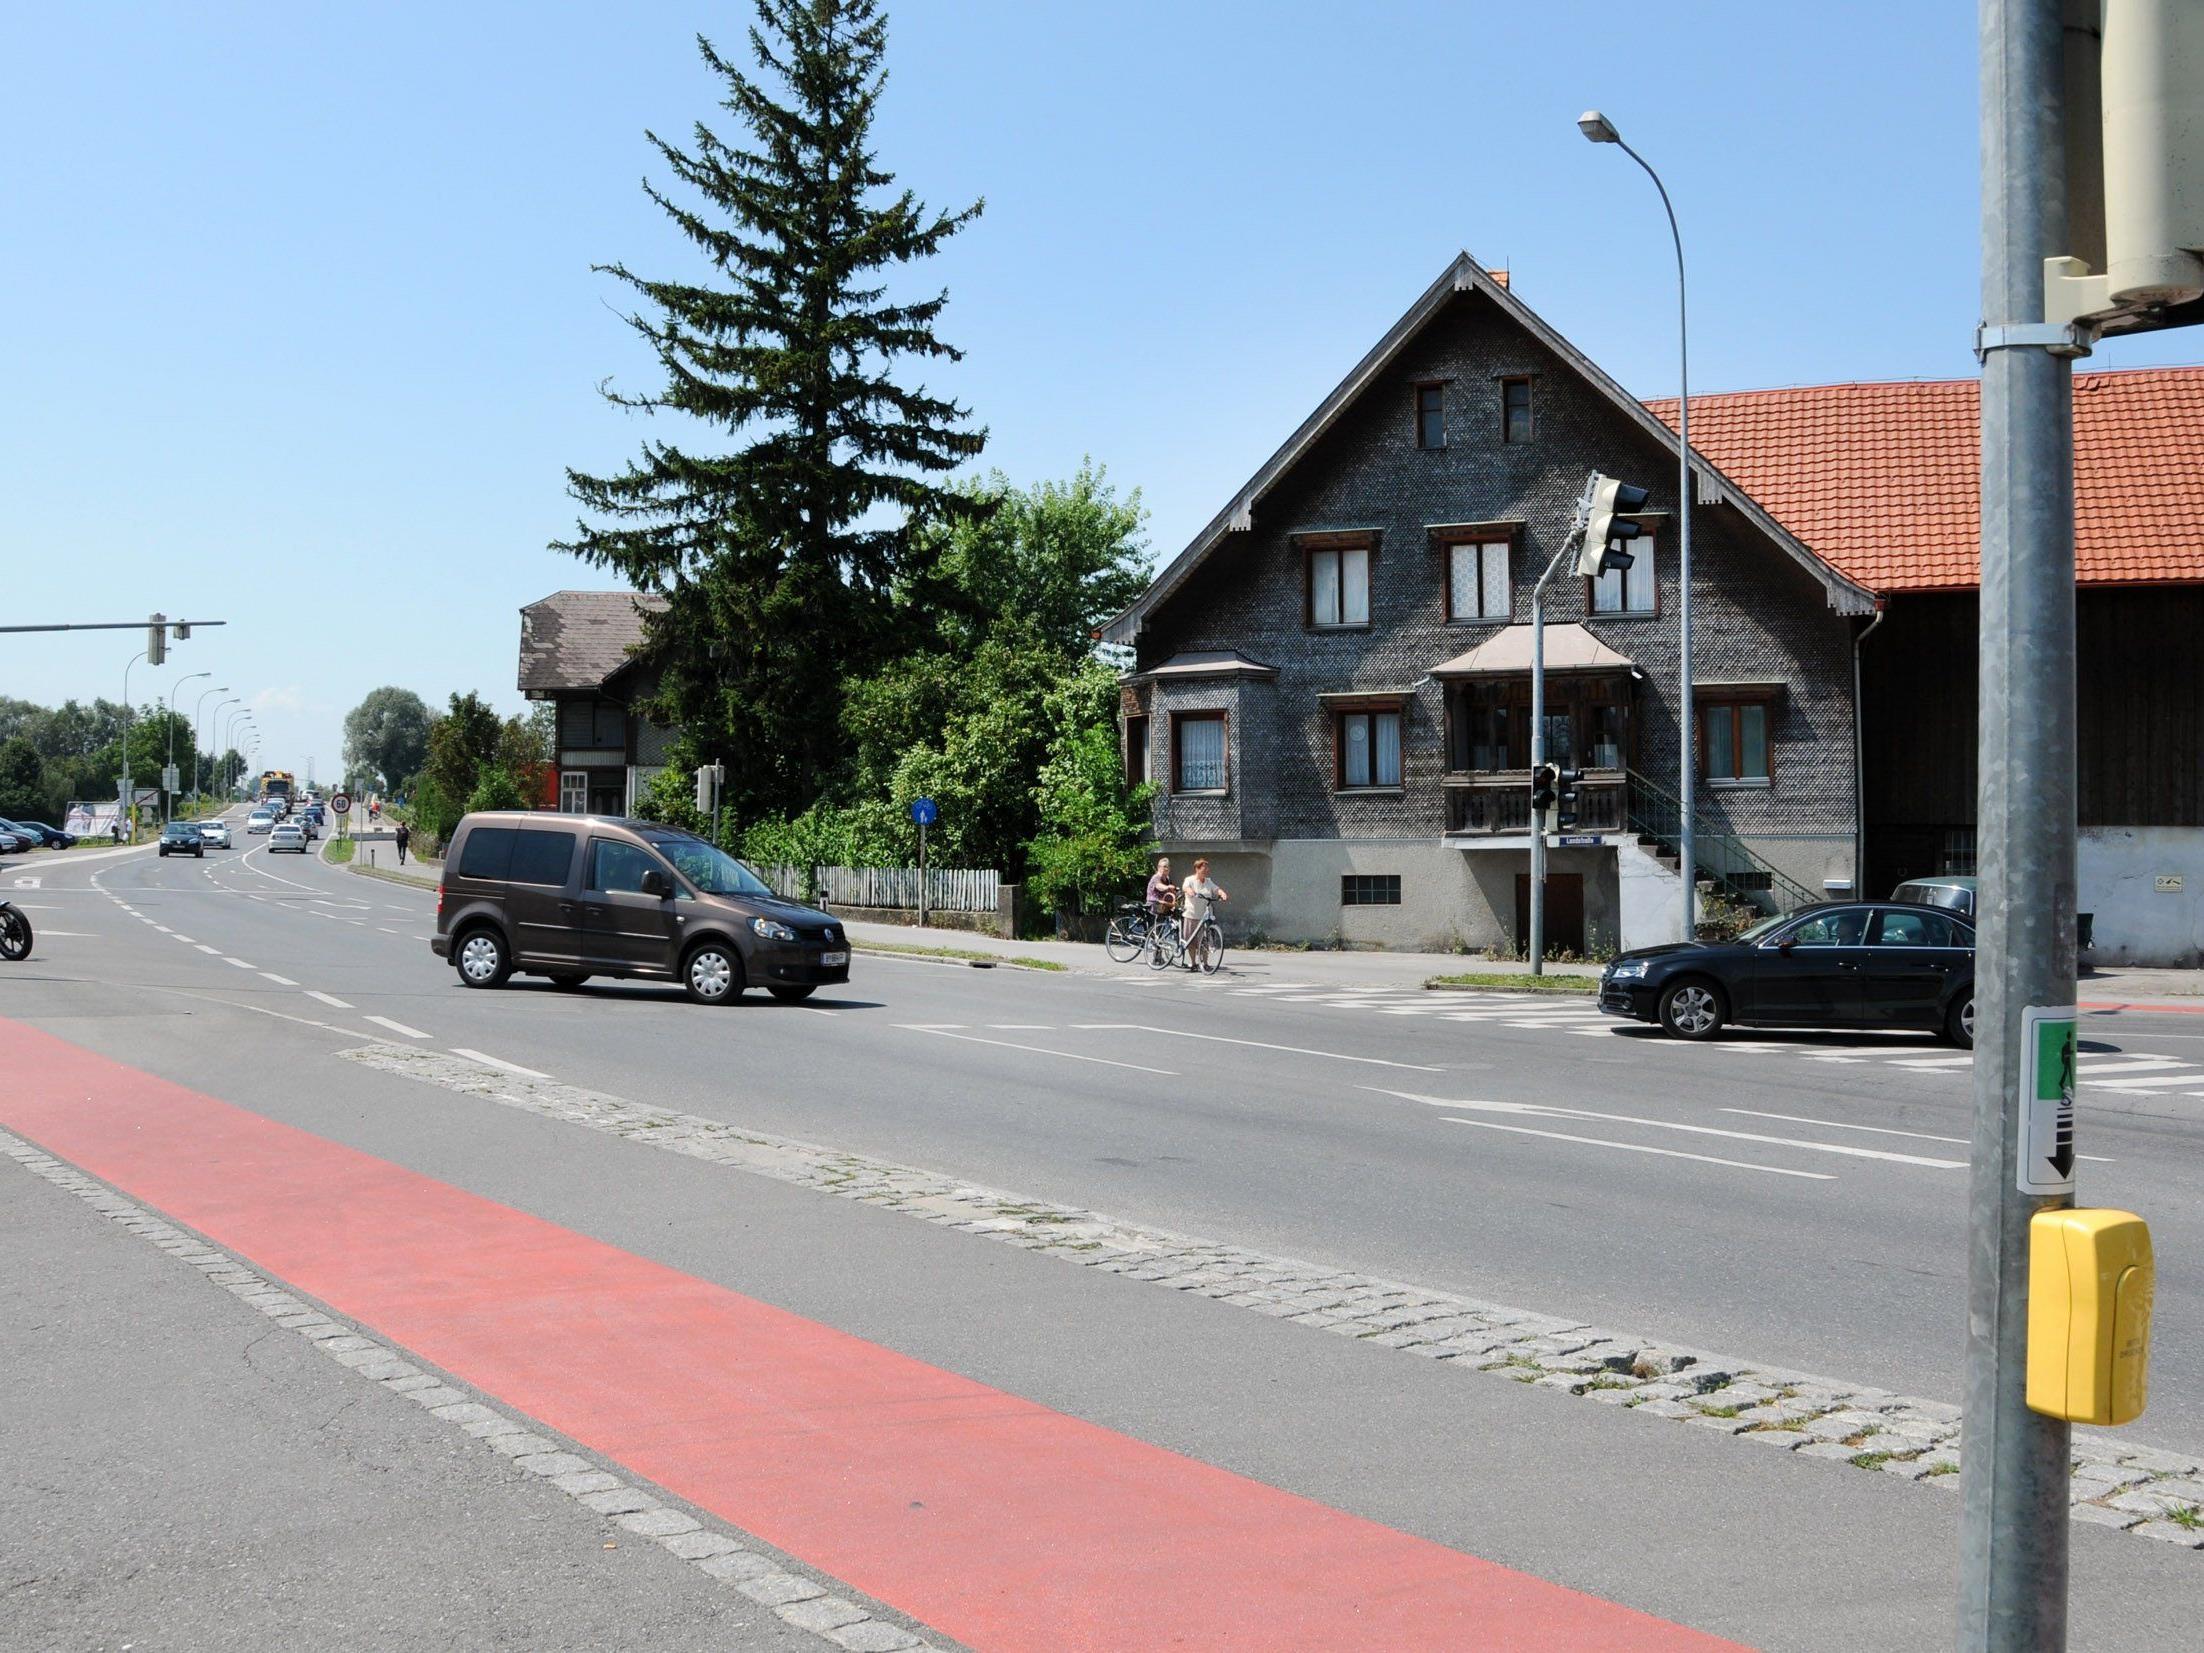 Die Kreuzung der Rheinstraße mit der Landstraße in Hard wird umgestaltet.